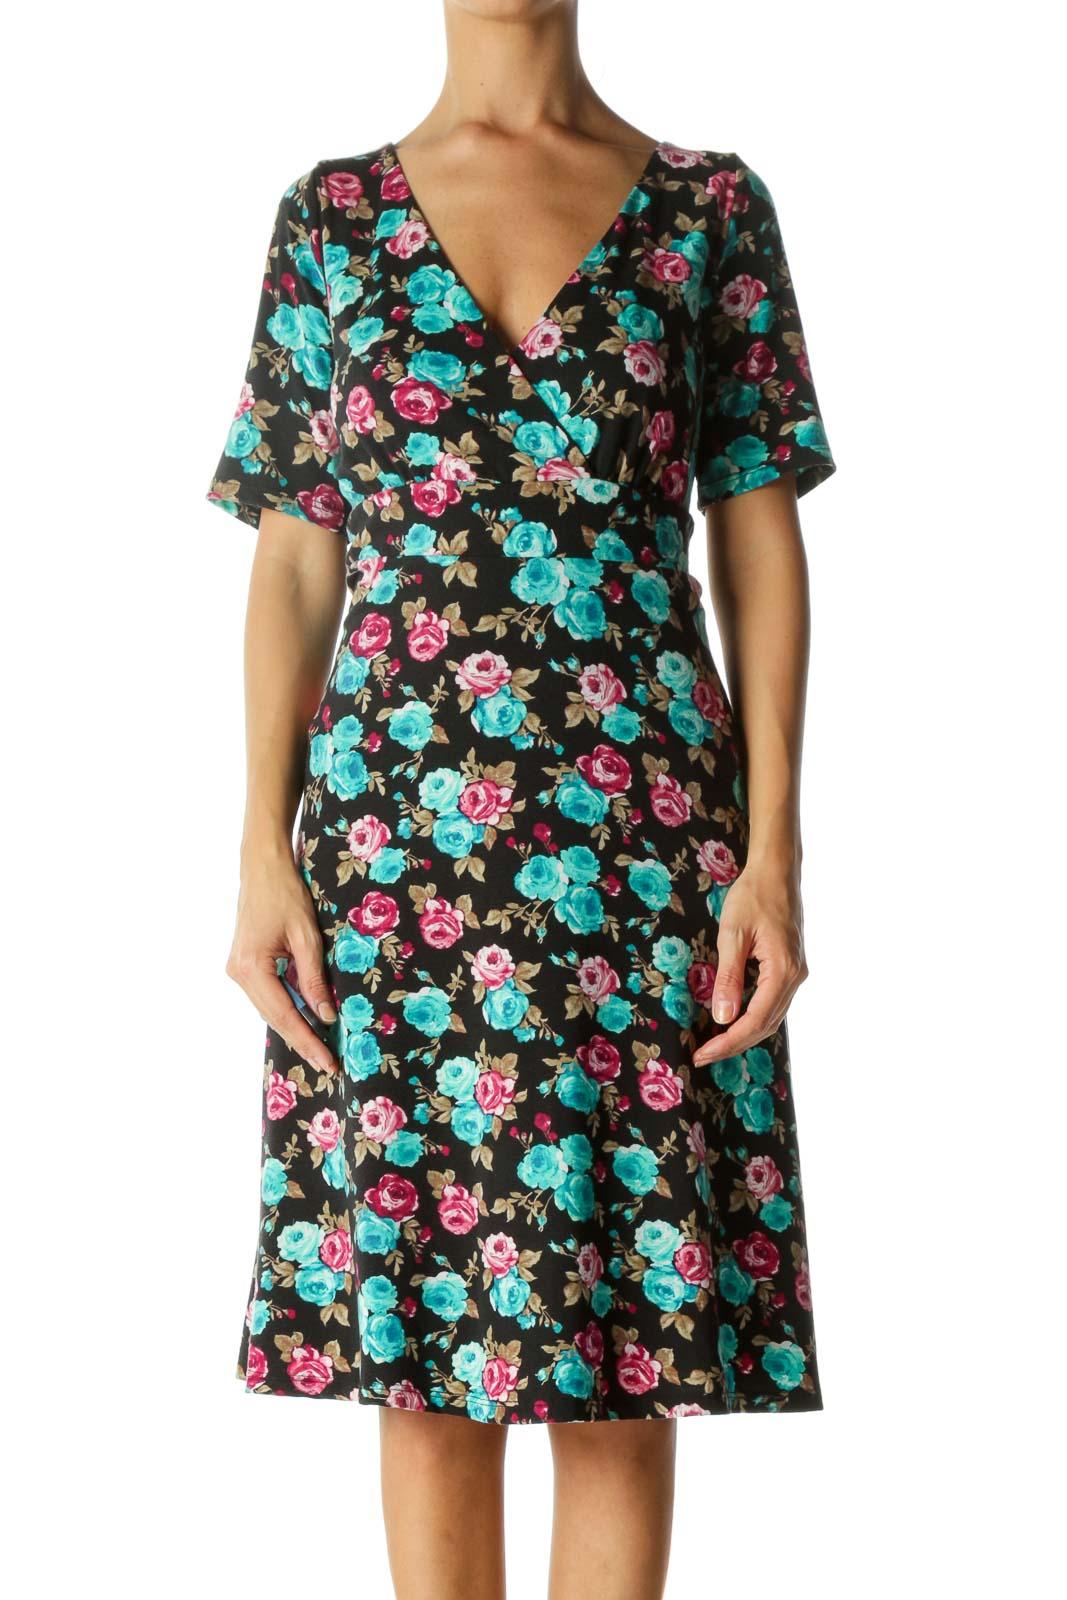 Black Floral Day Dress